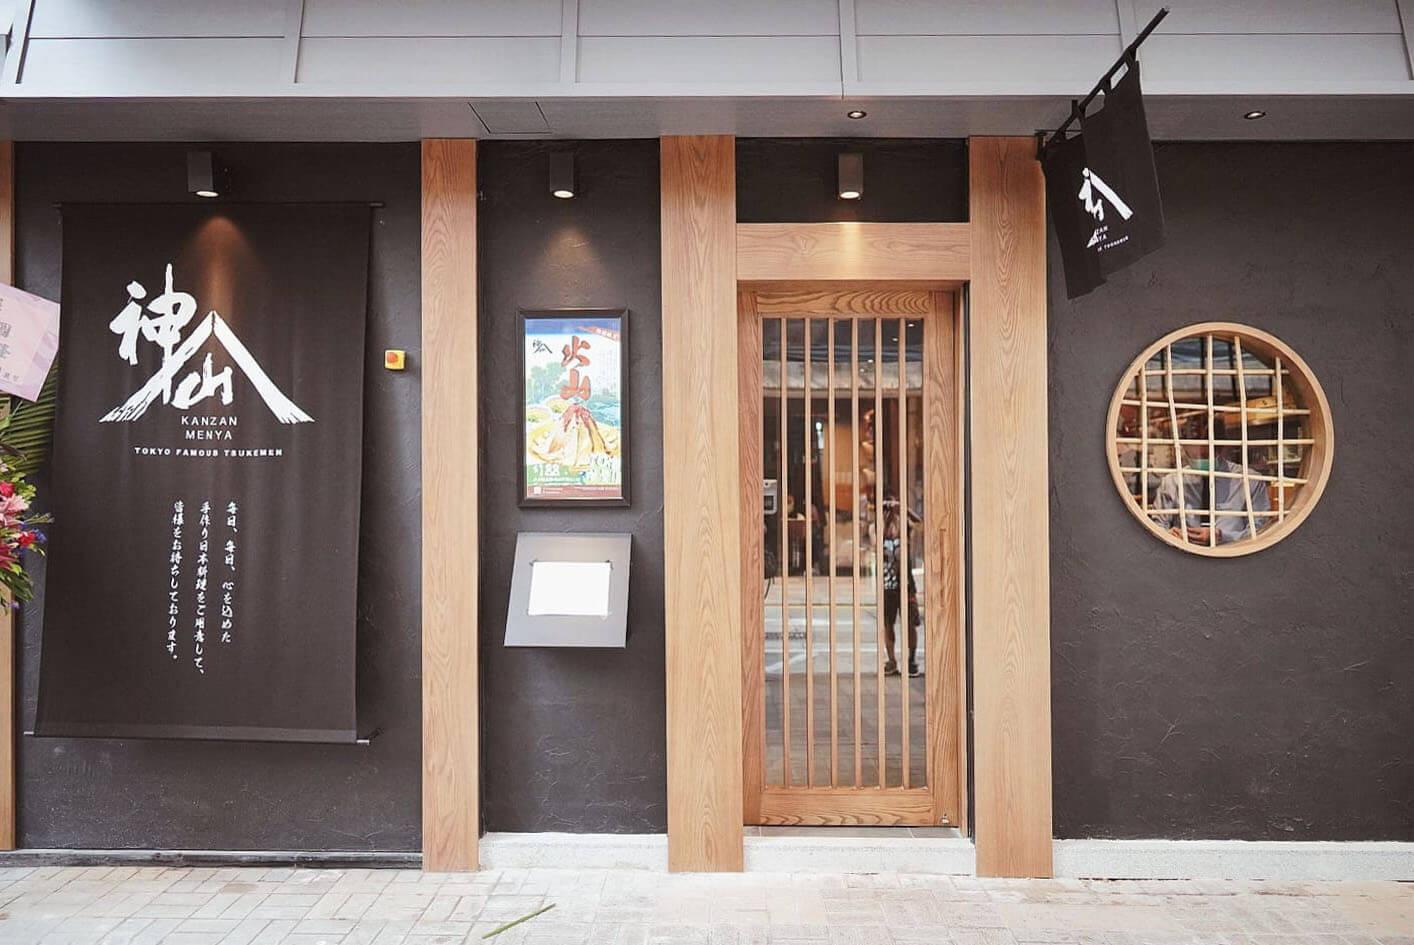 神山尖沙咀新店,懷舊日本風格。